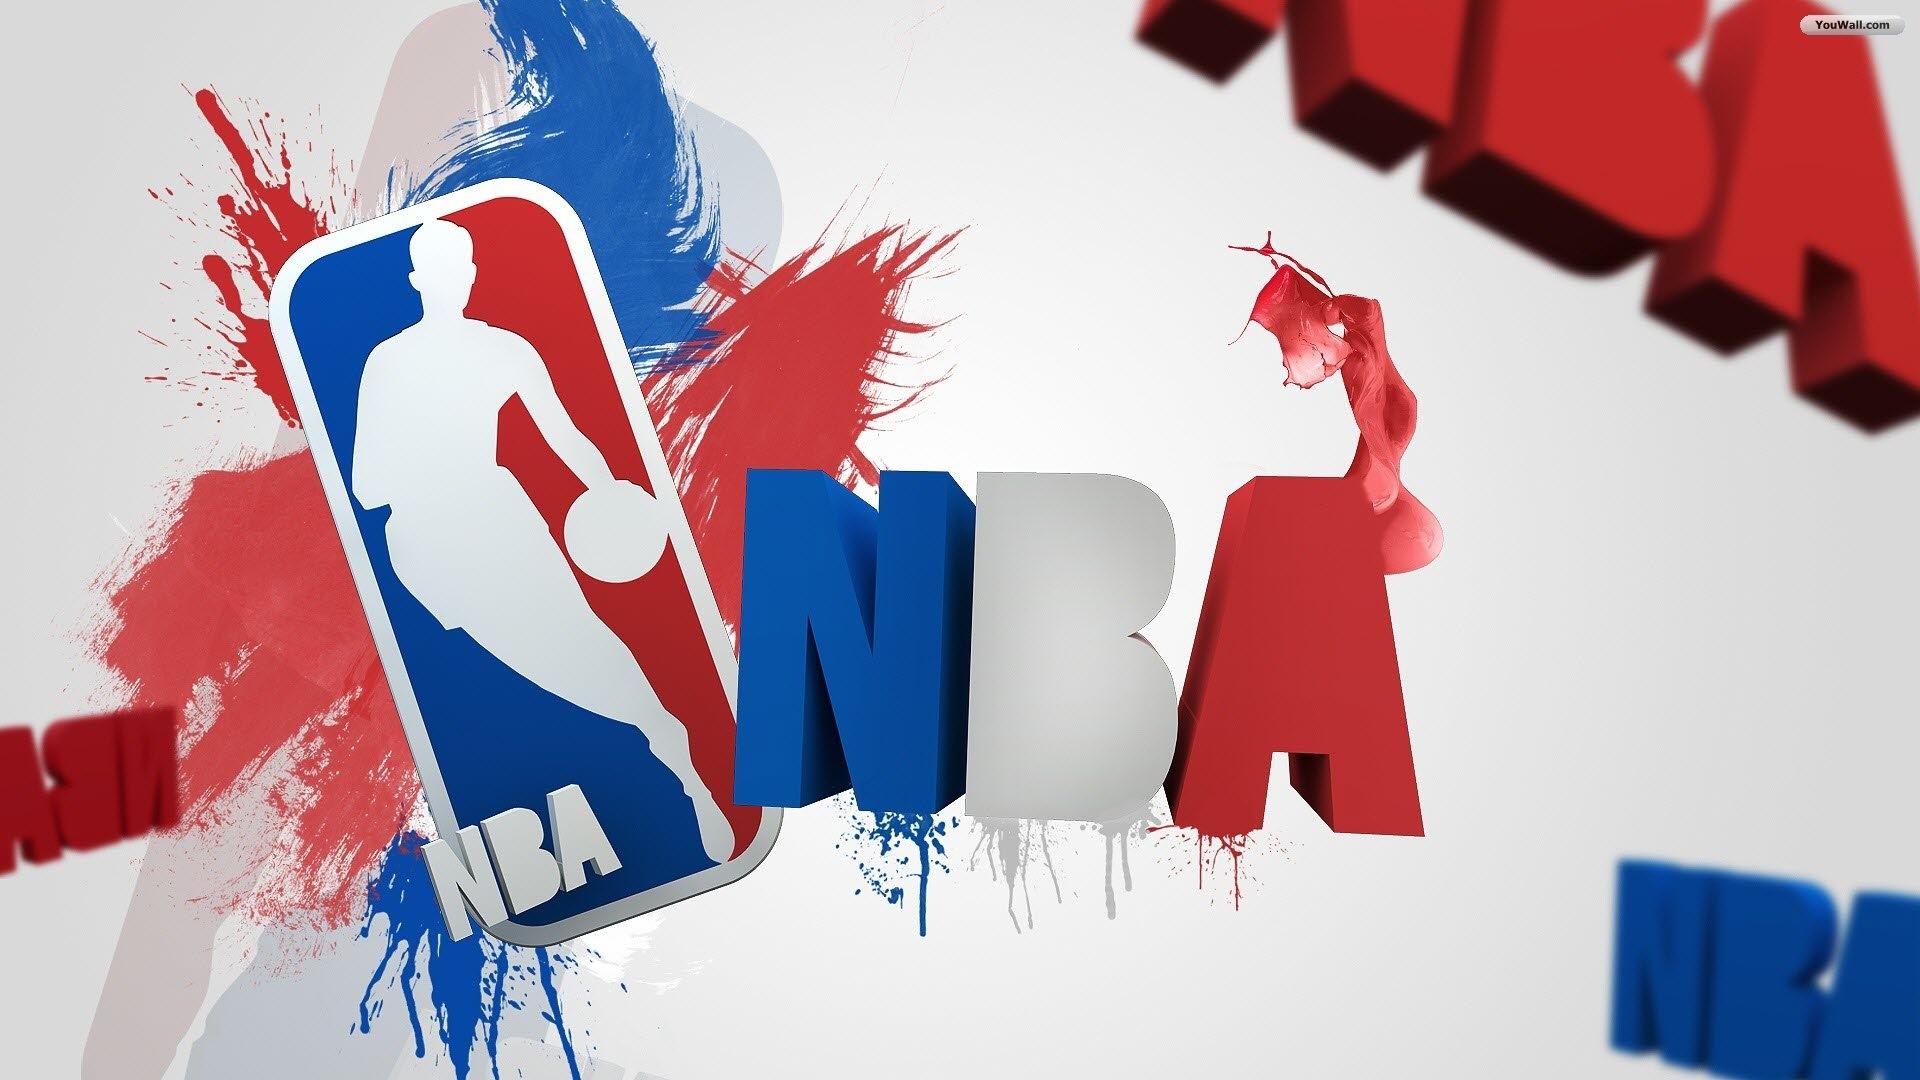 Първенство на Националната баскетболна асоциация на Северна Америка (НБА): Вашингтон